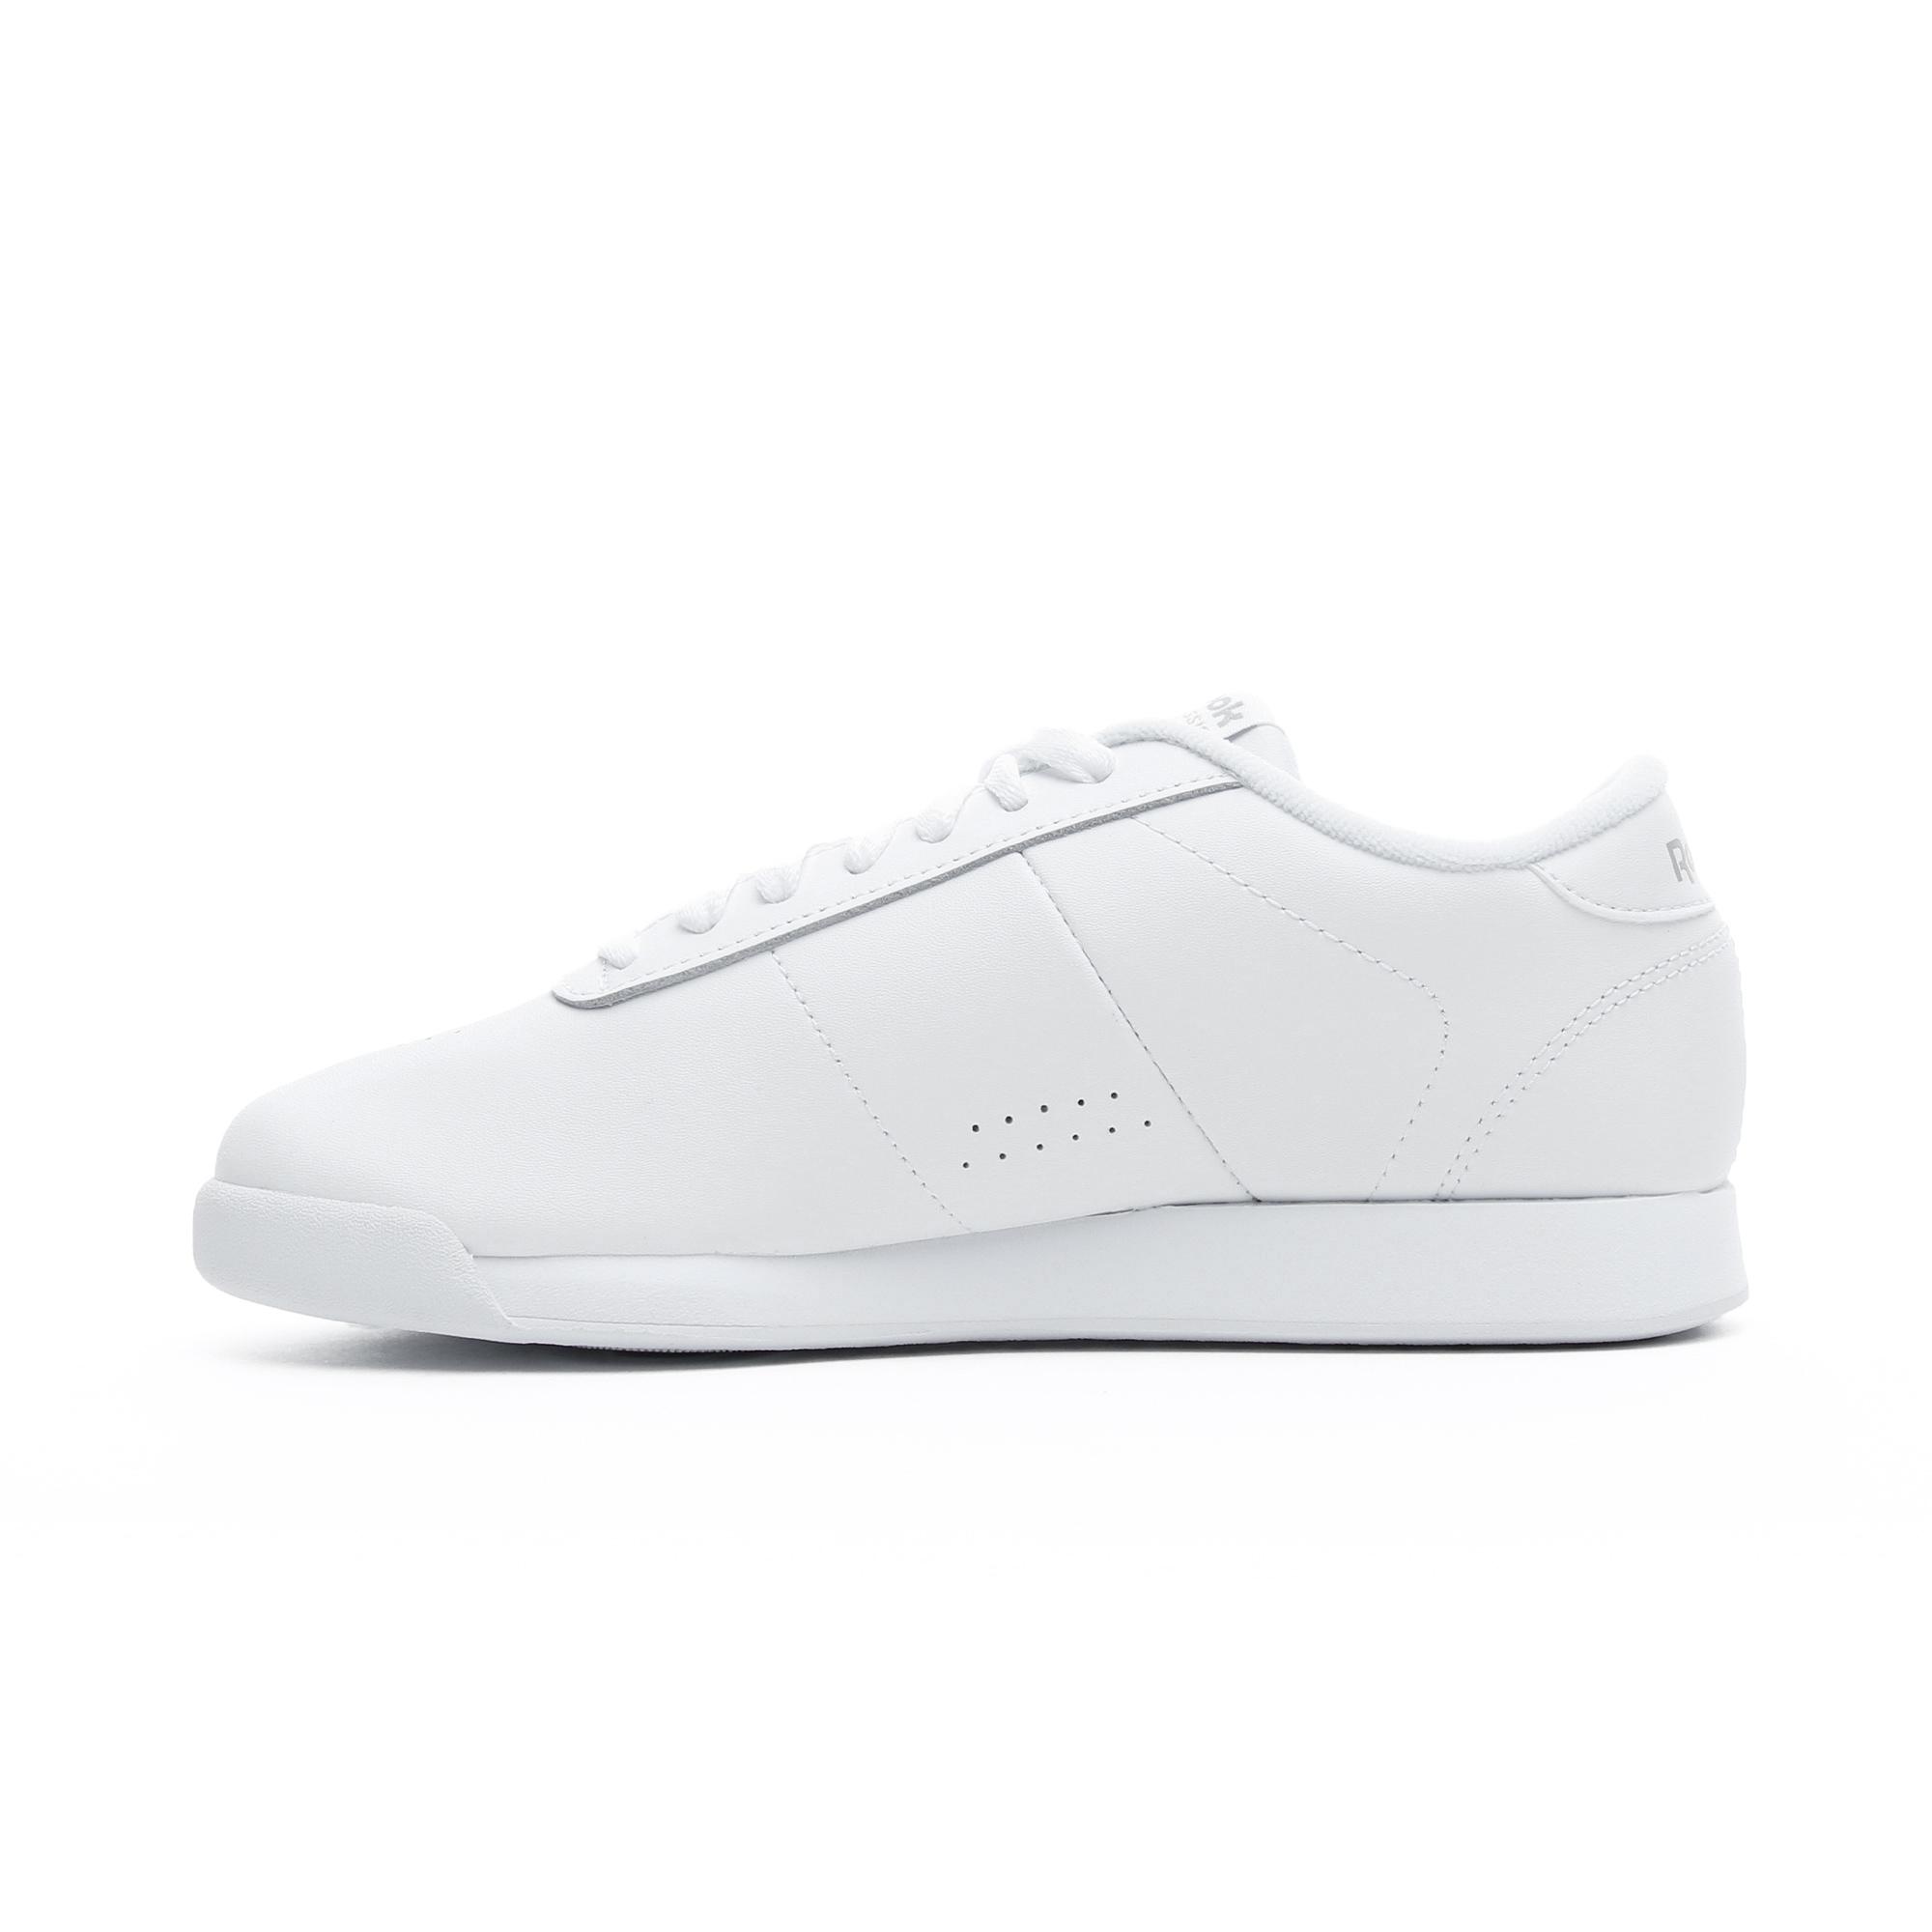 Reebok Princess Kadın Beyaz Spor Ayakkabı